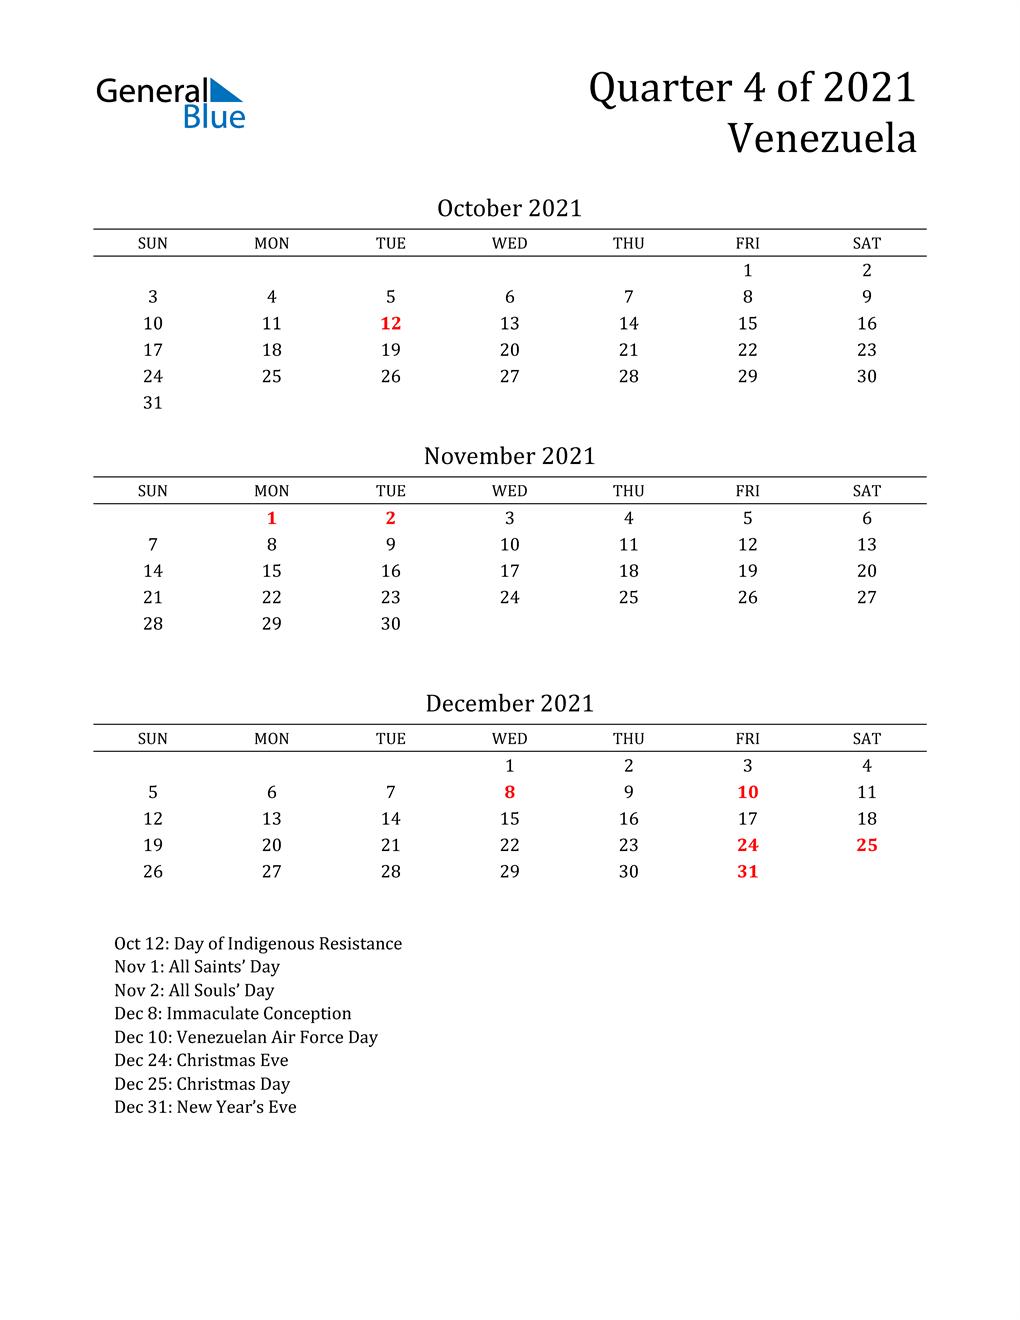 2021 Venezuela Quarterly Calendar